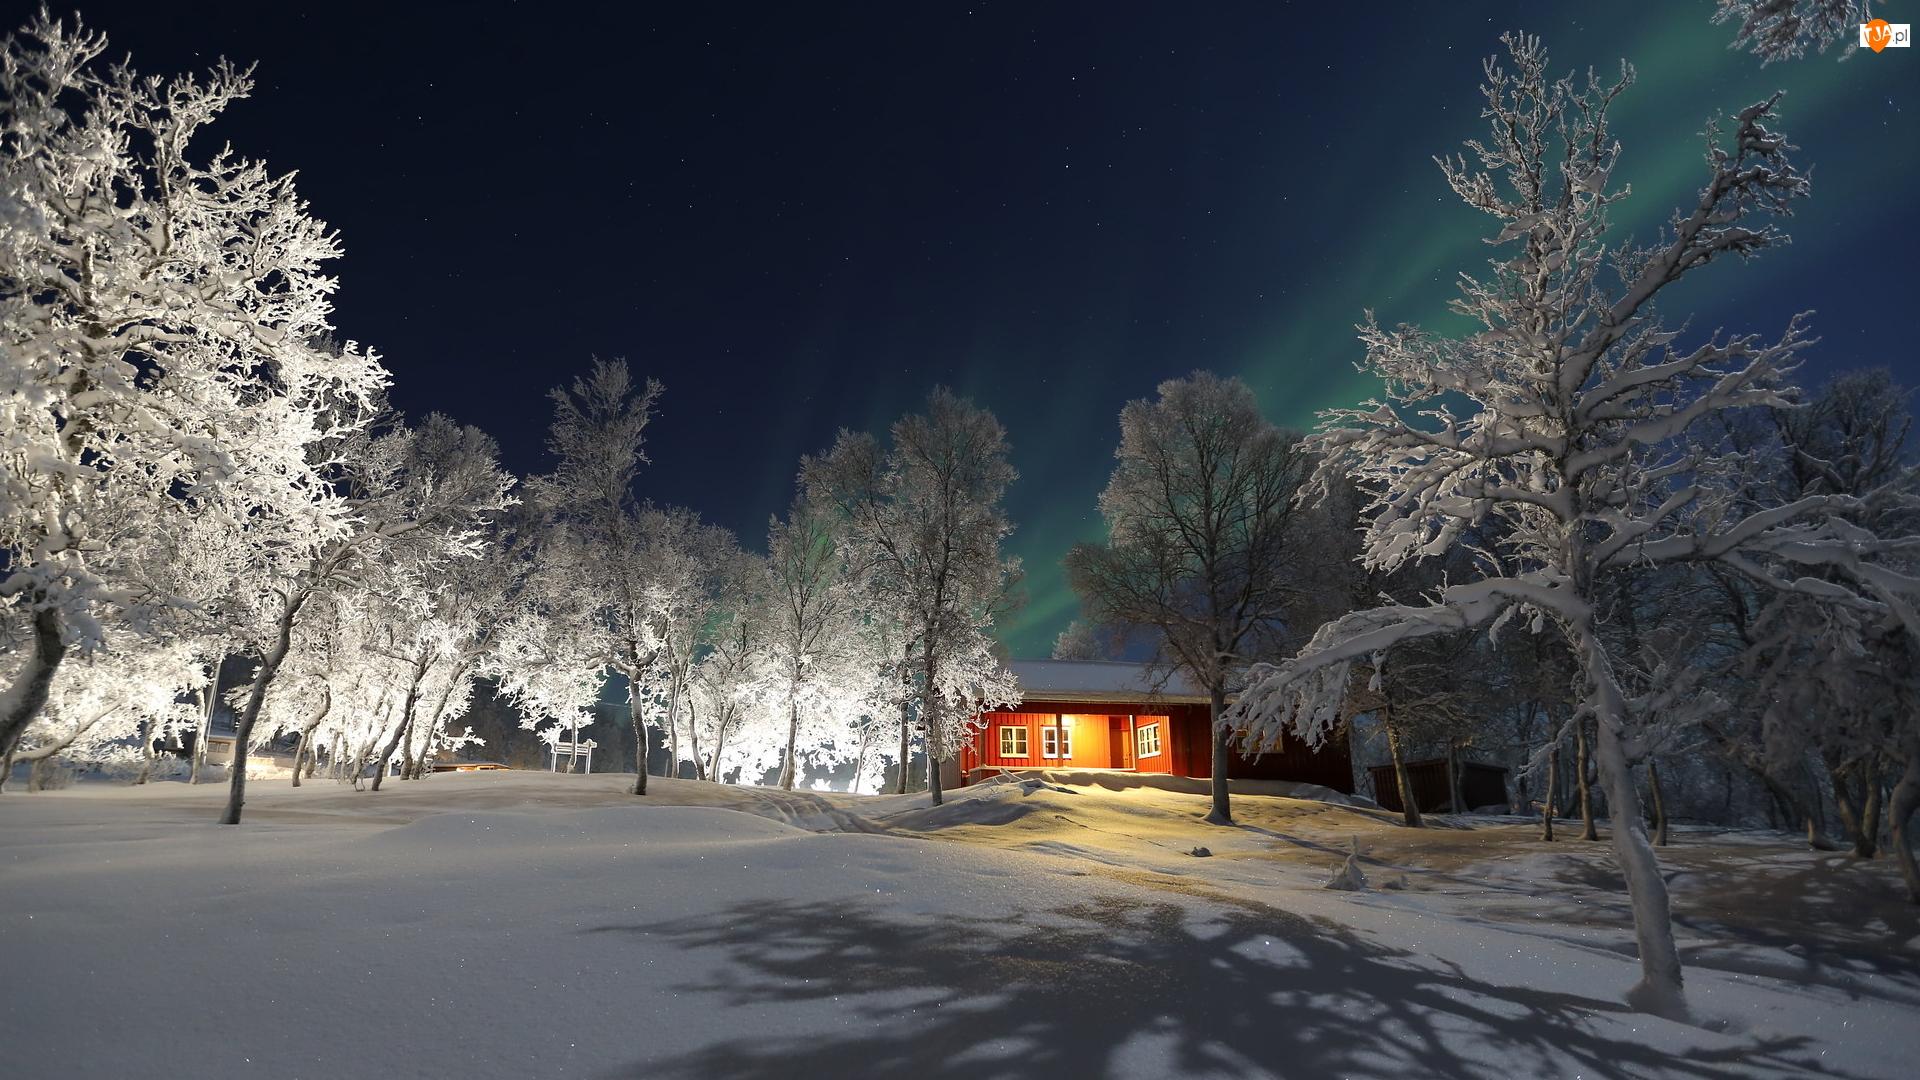 Ośnieżone, Zima, Śnieg, Zorza polarna, Drzewa, Dom